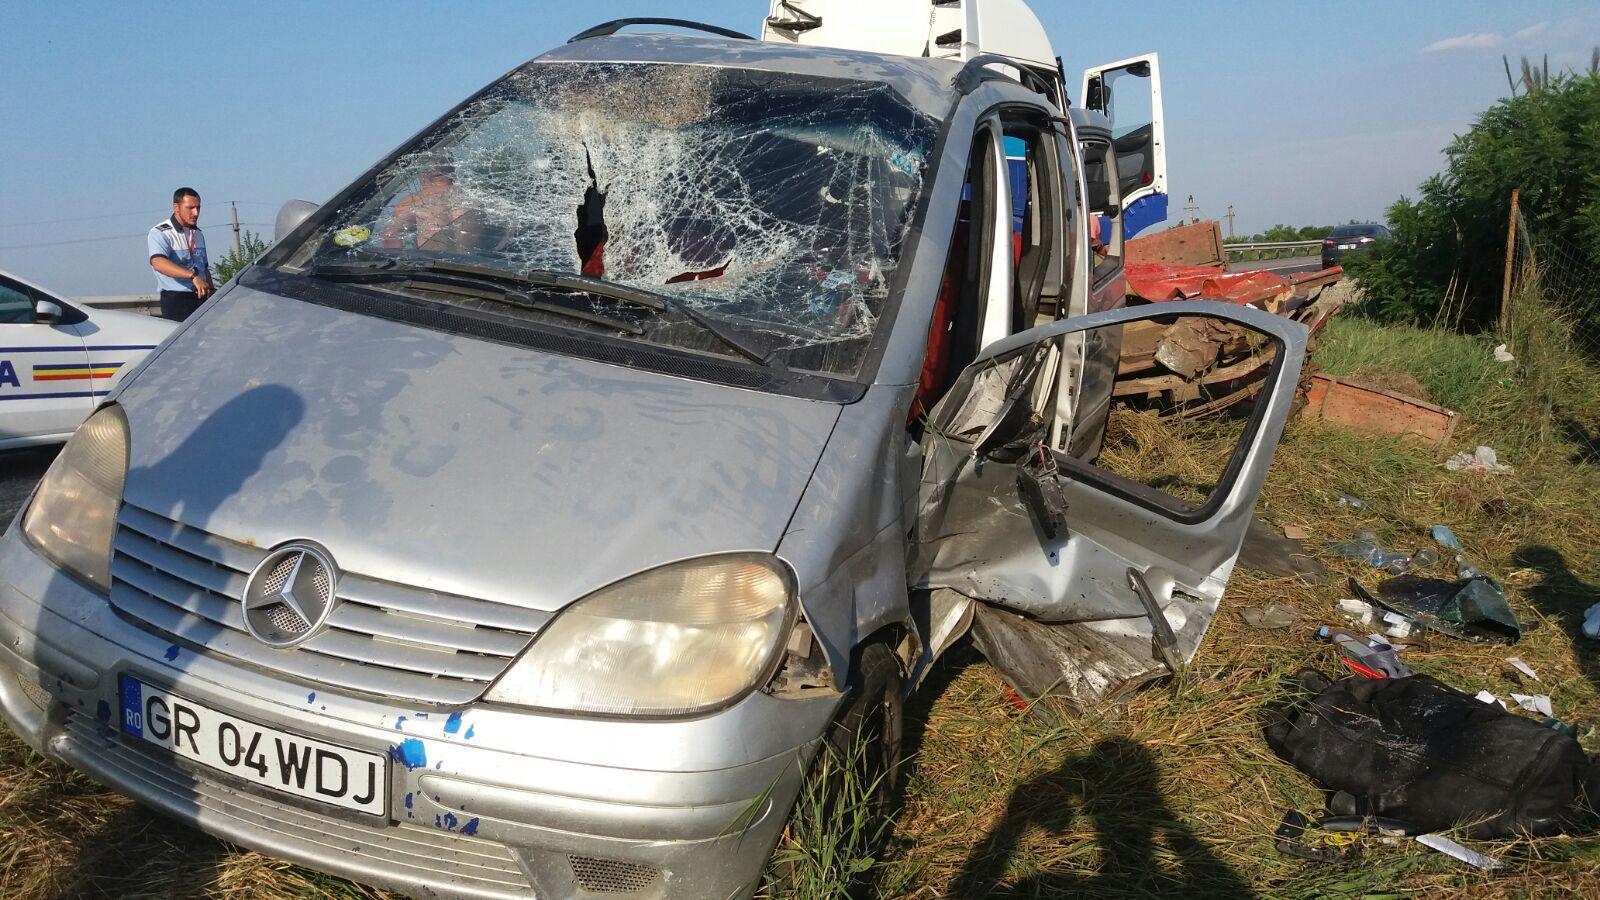 FOTO | Două persoane au fost rănite, după ce un autoturism a acroşat remorca tractată de maşina lor